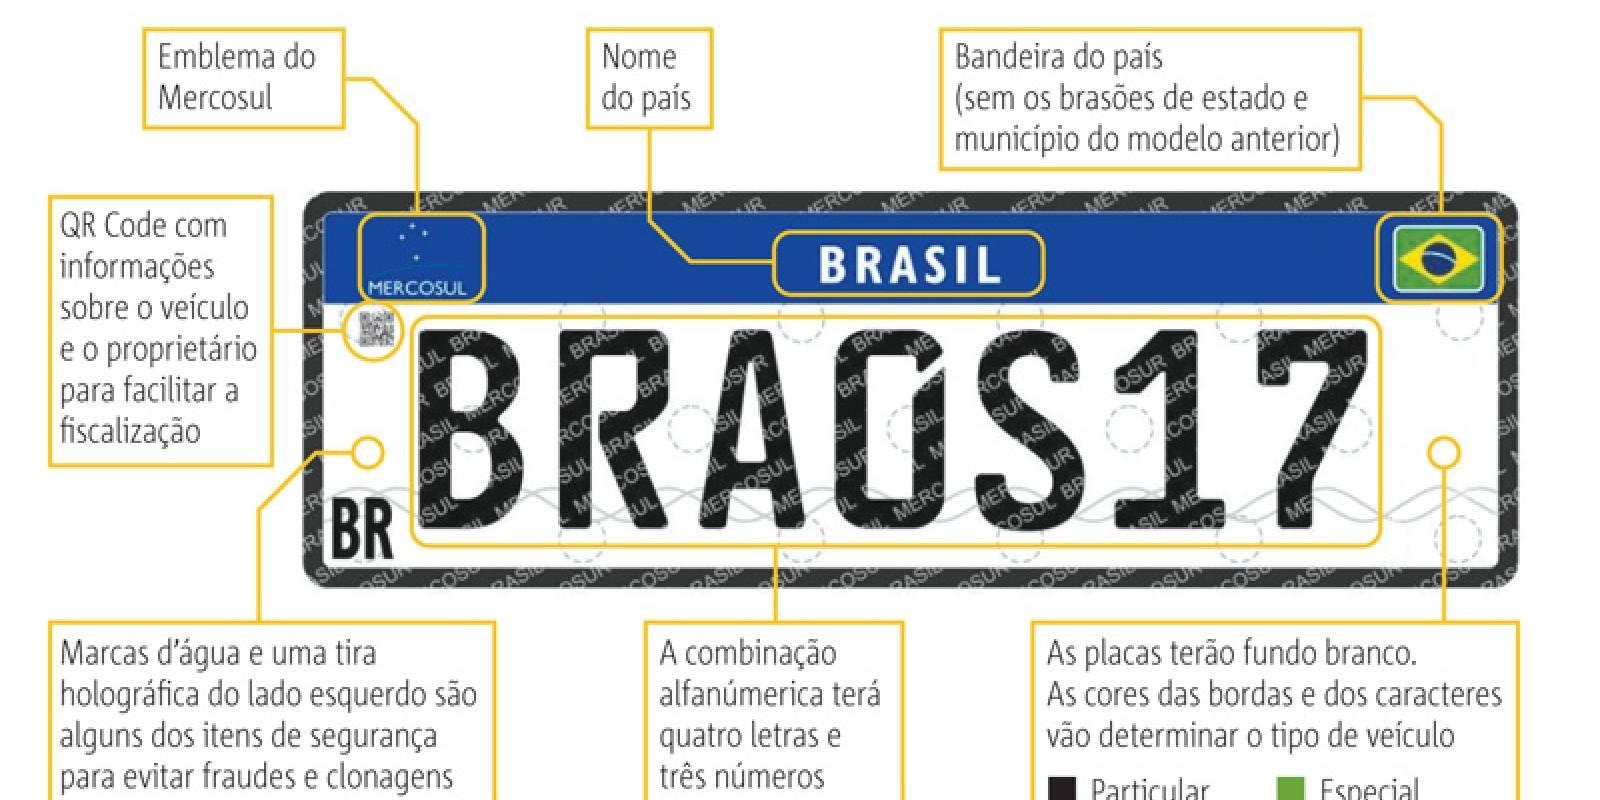 Resultado de imagem para Placa Mercosul